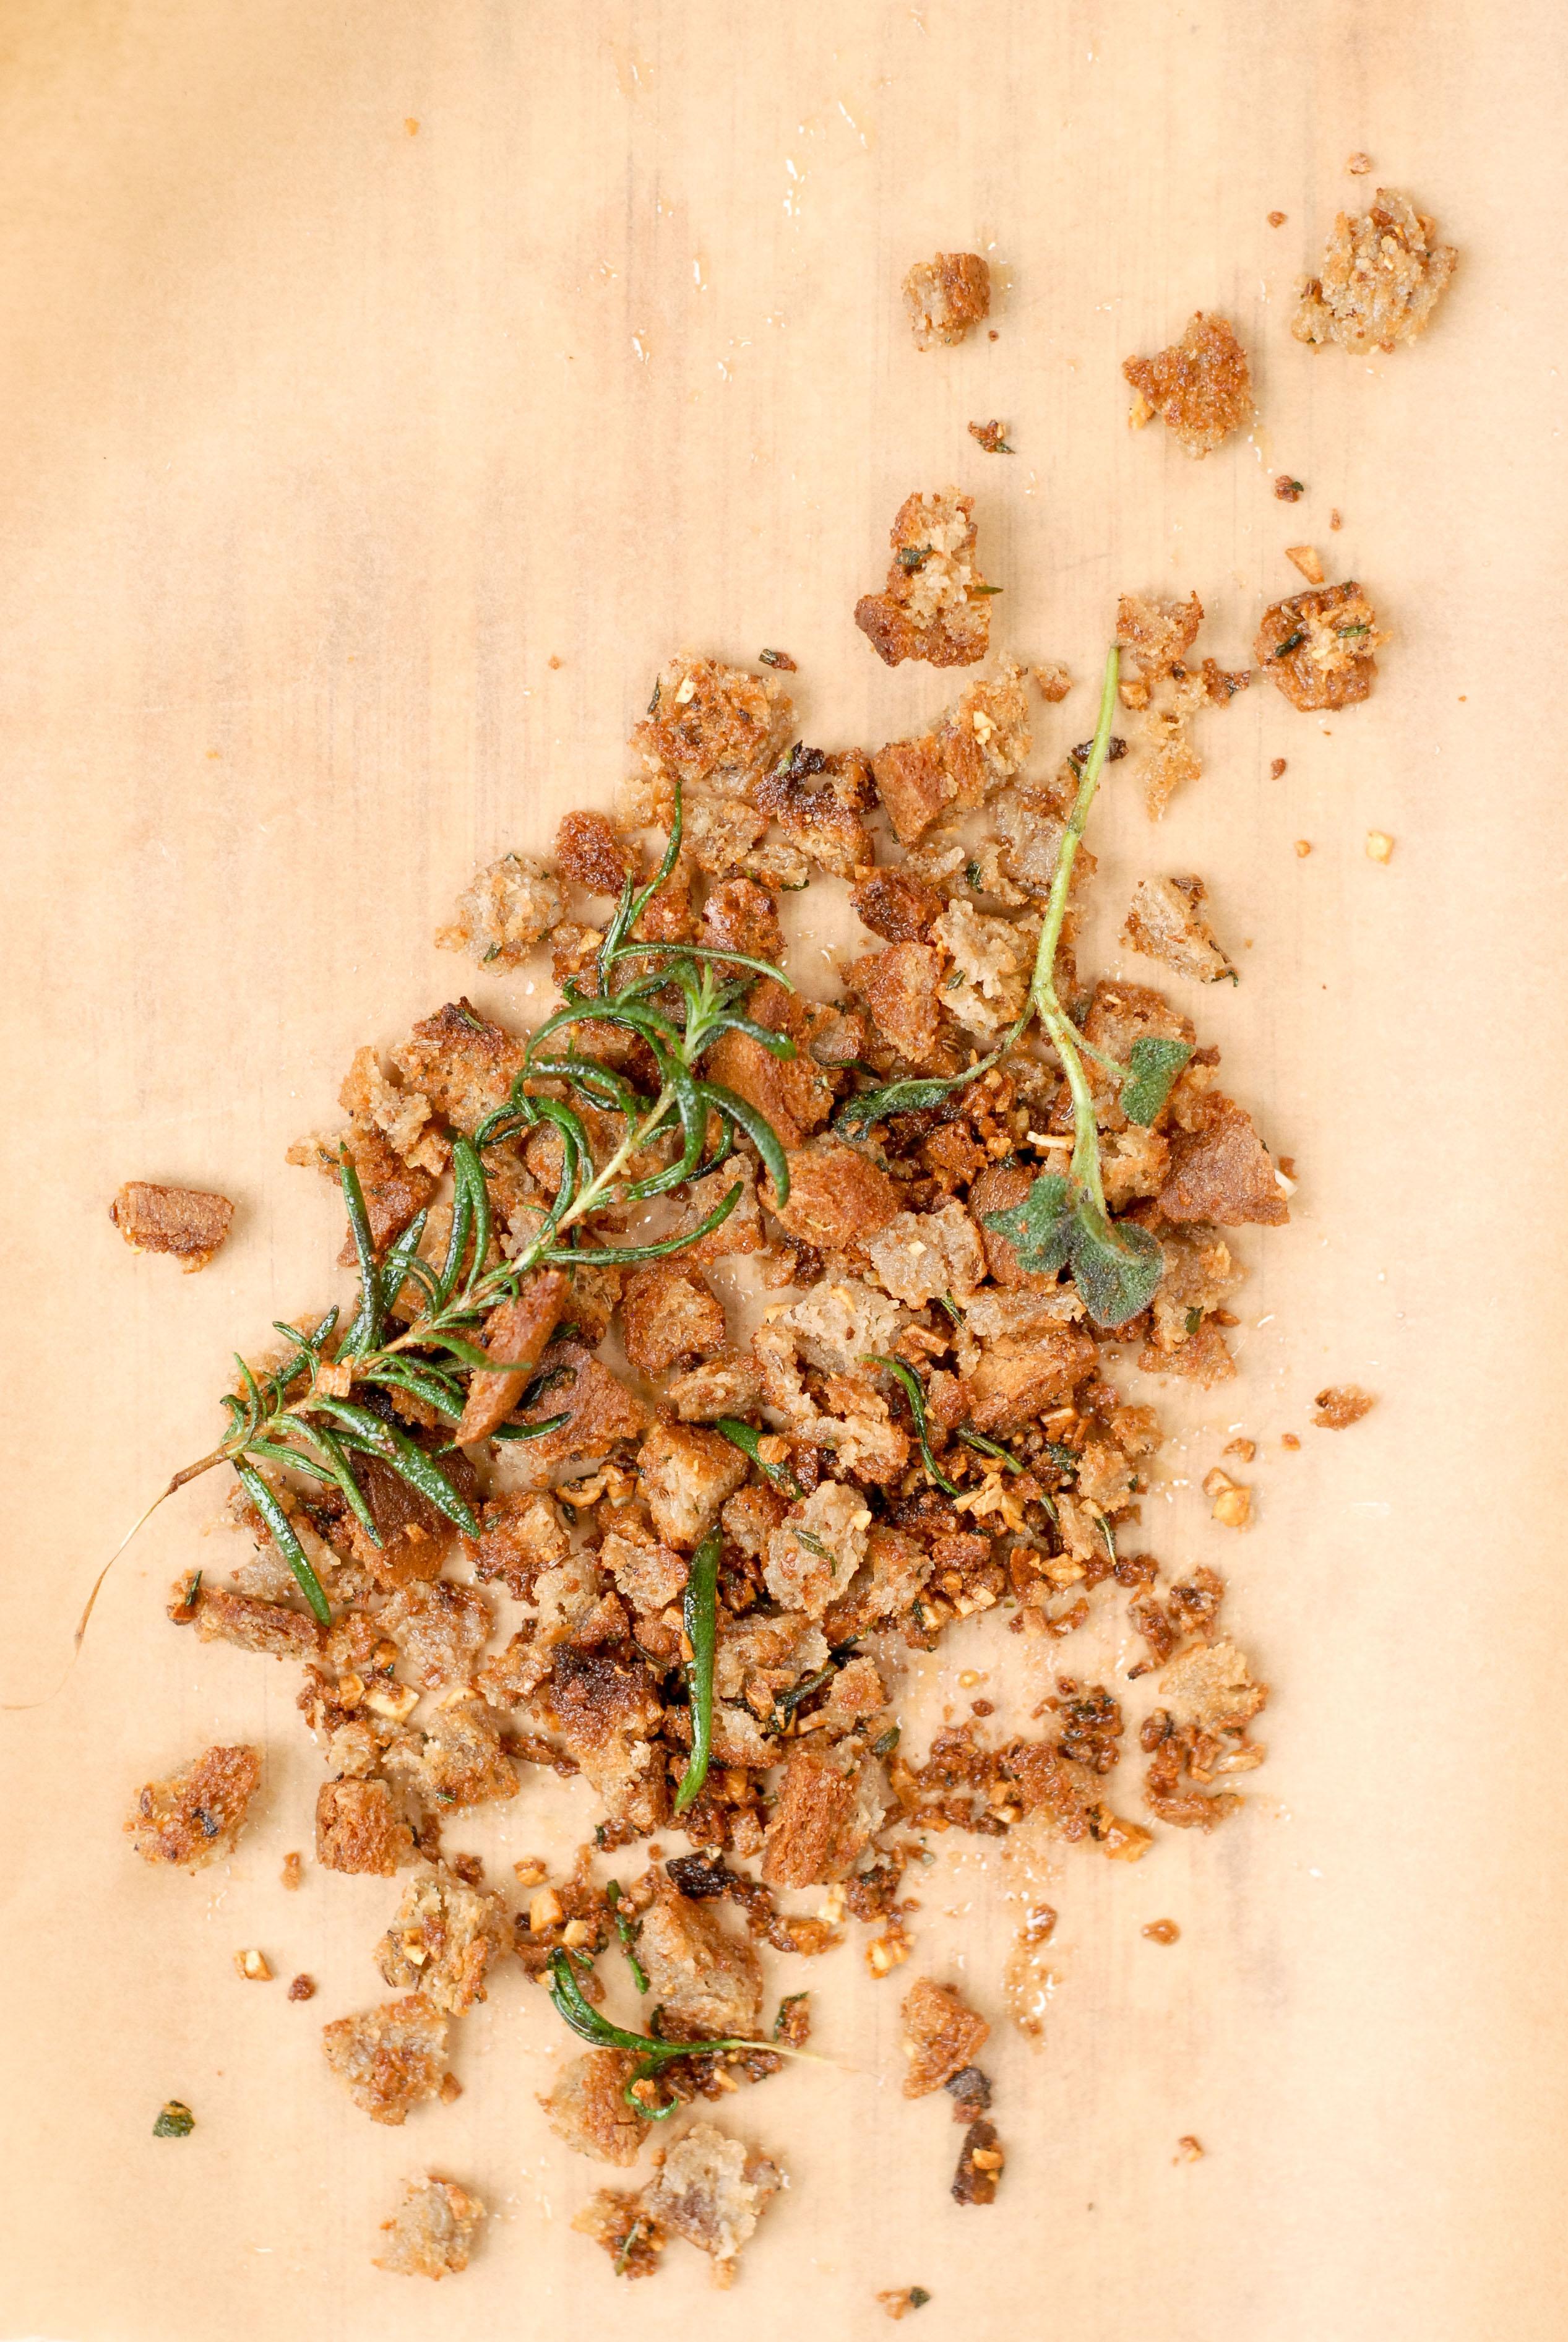 Garlic-Herbed Breadcrumbs